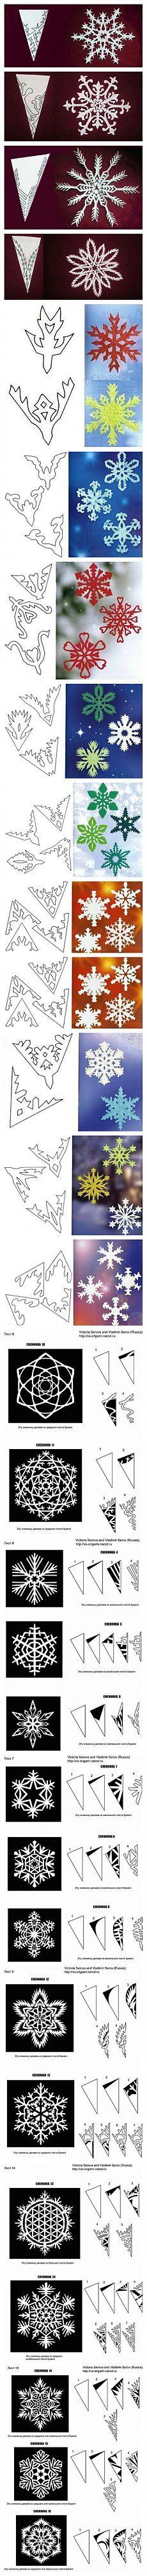 Schneiden Sie Schneeflocken aus Papier aus